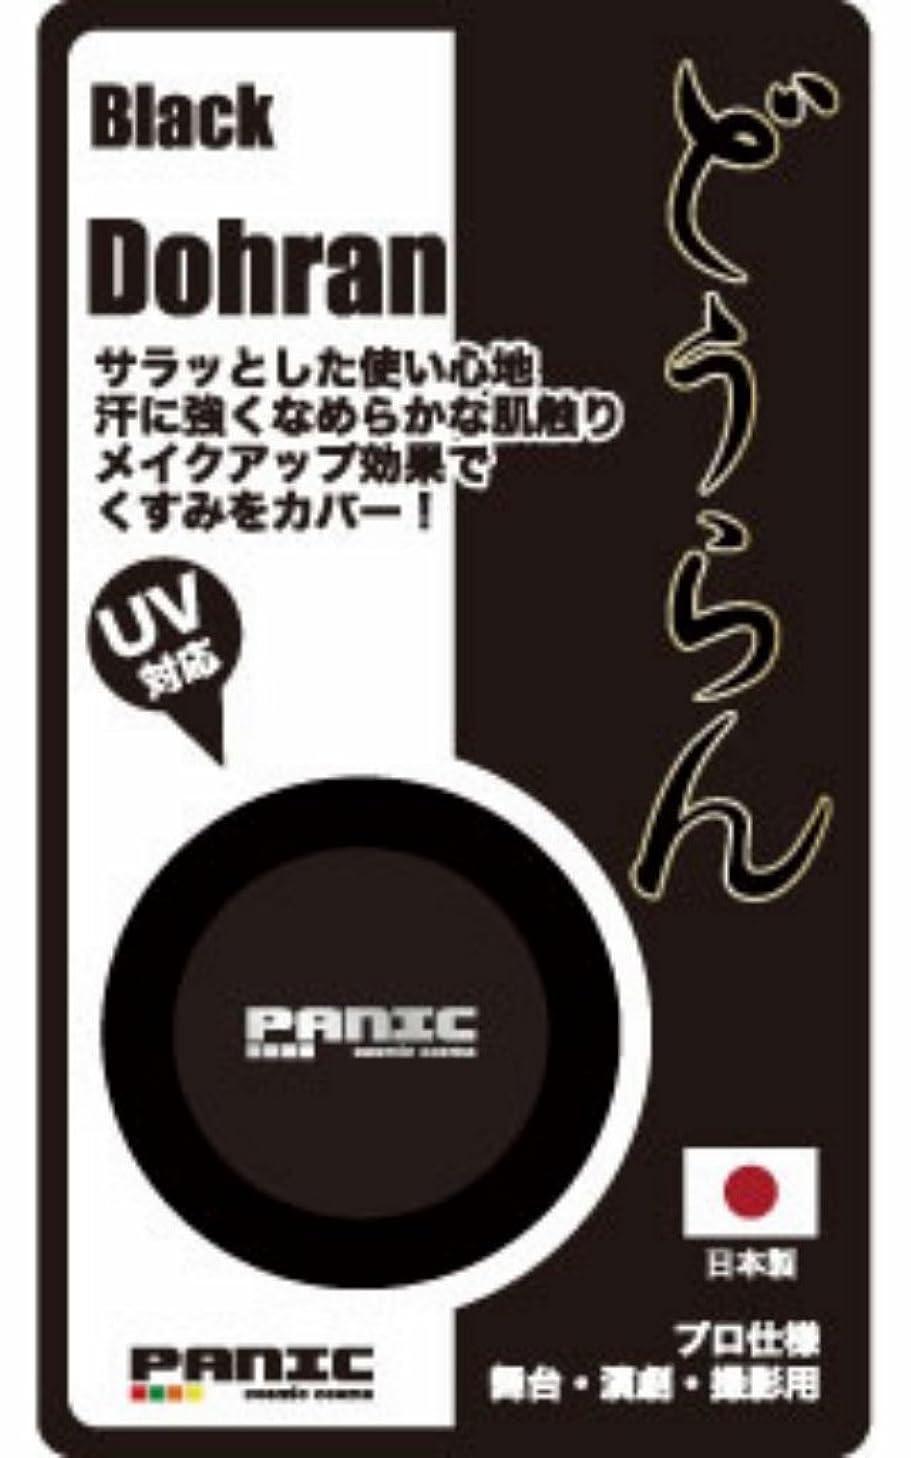 PANIC どうらん(ブラック) 舞台?演劇?撮影用